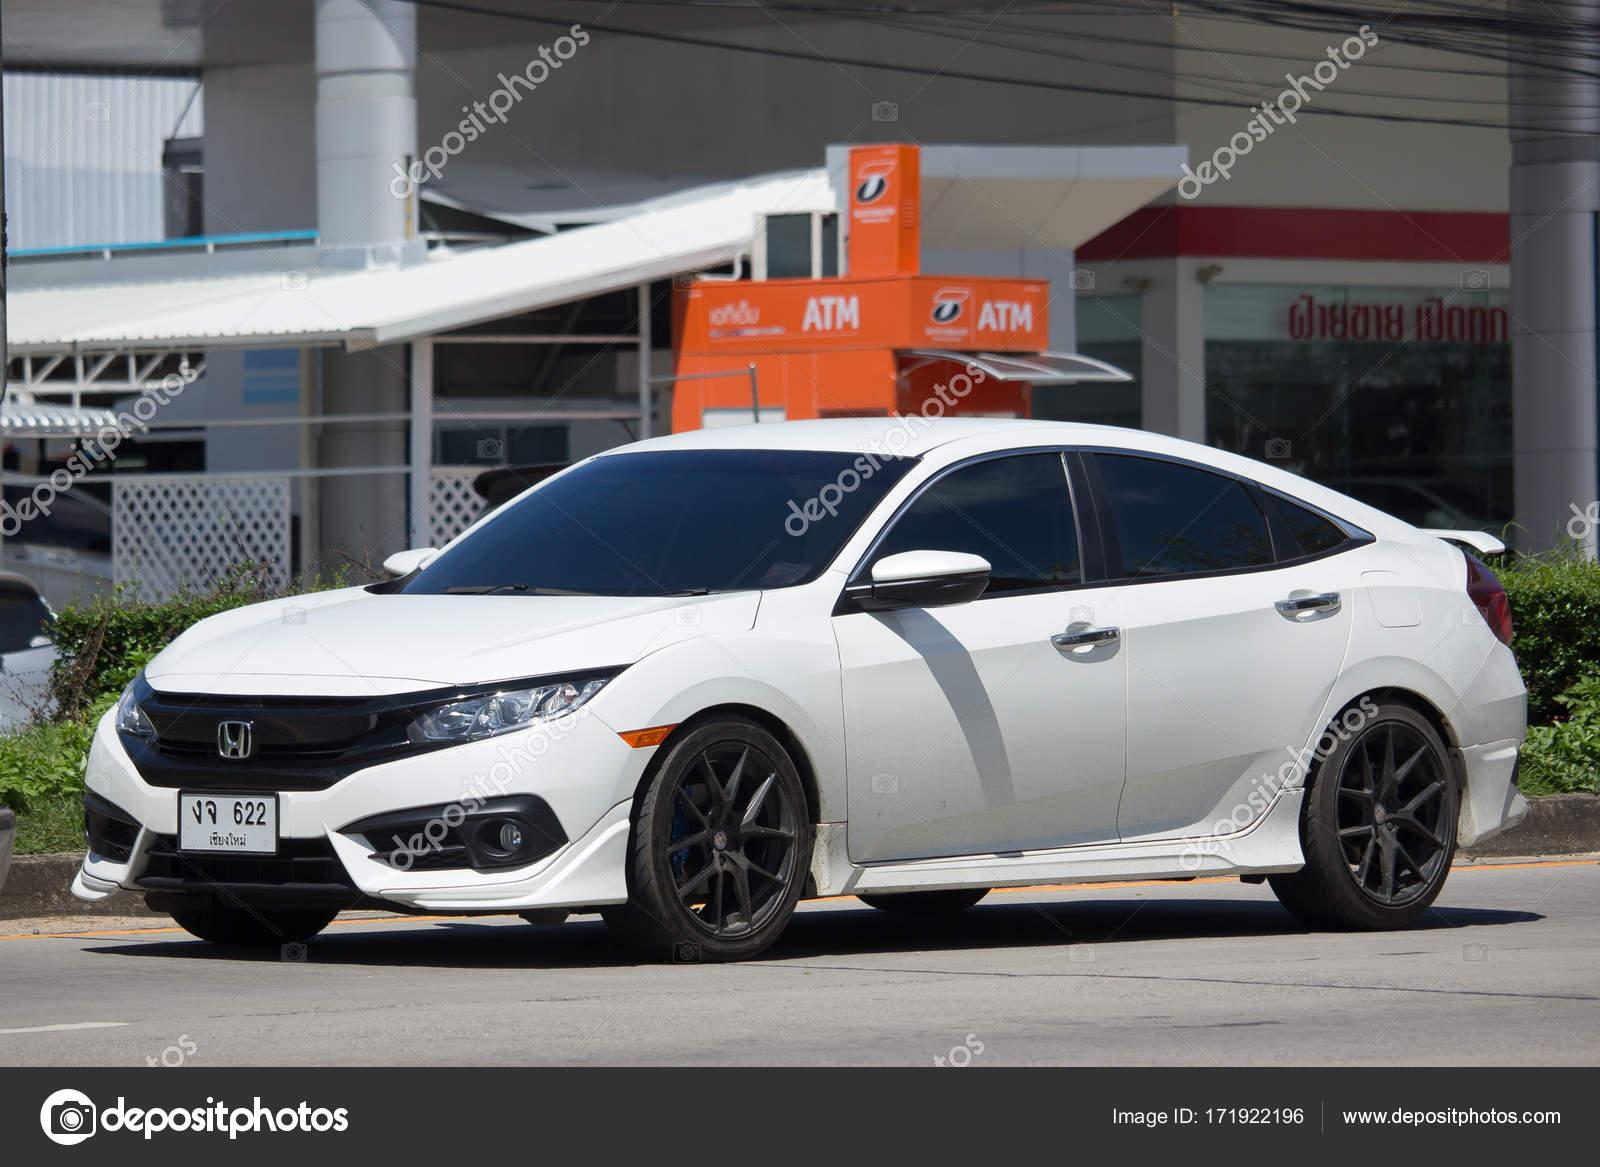 Privado Nova Automóveis Honda Civic Décima Geração U2014 Fotografia De Stock